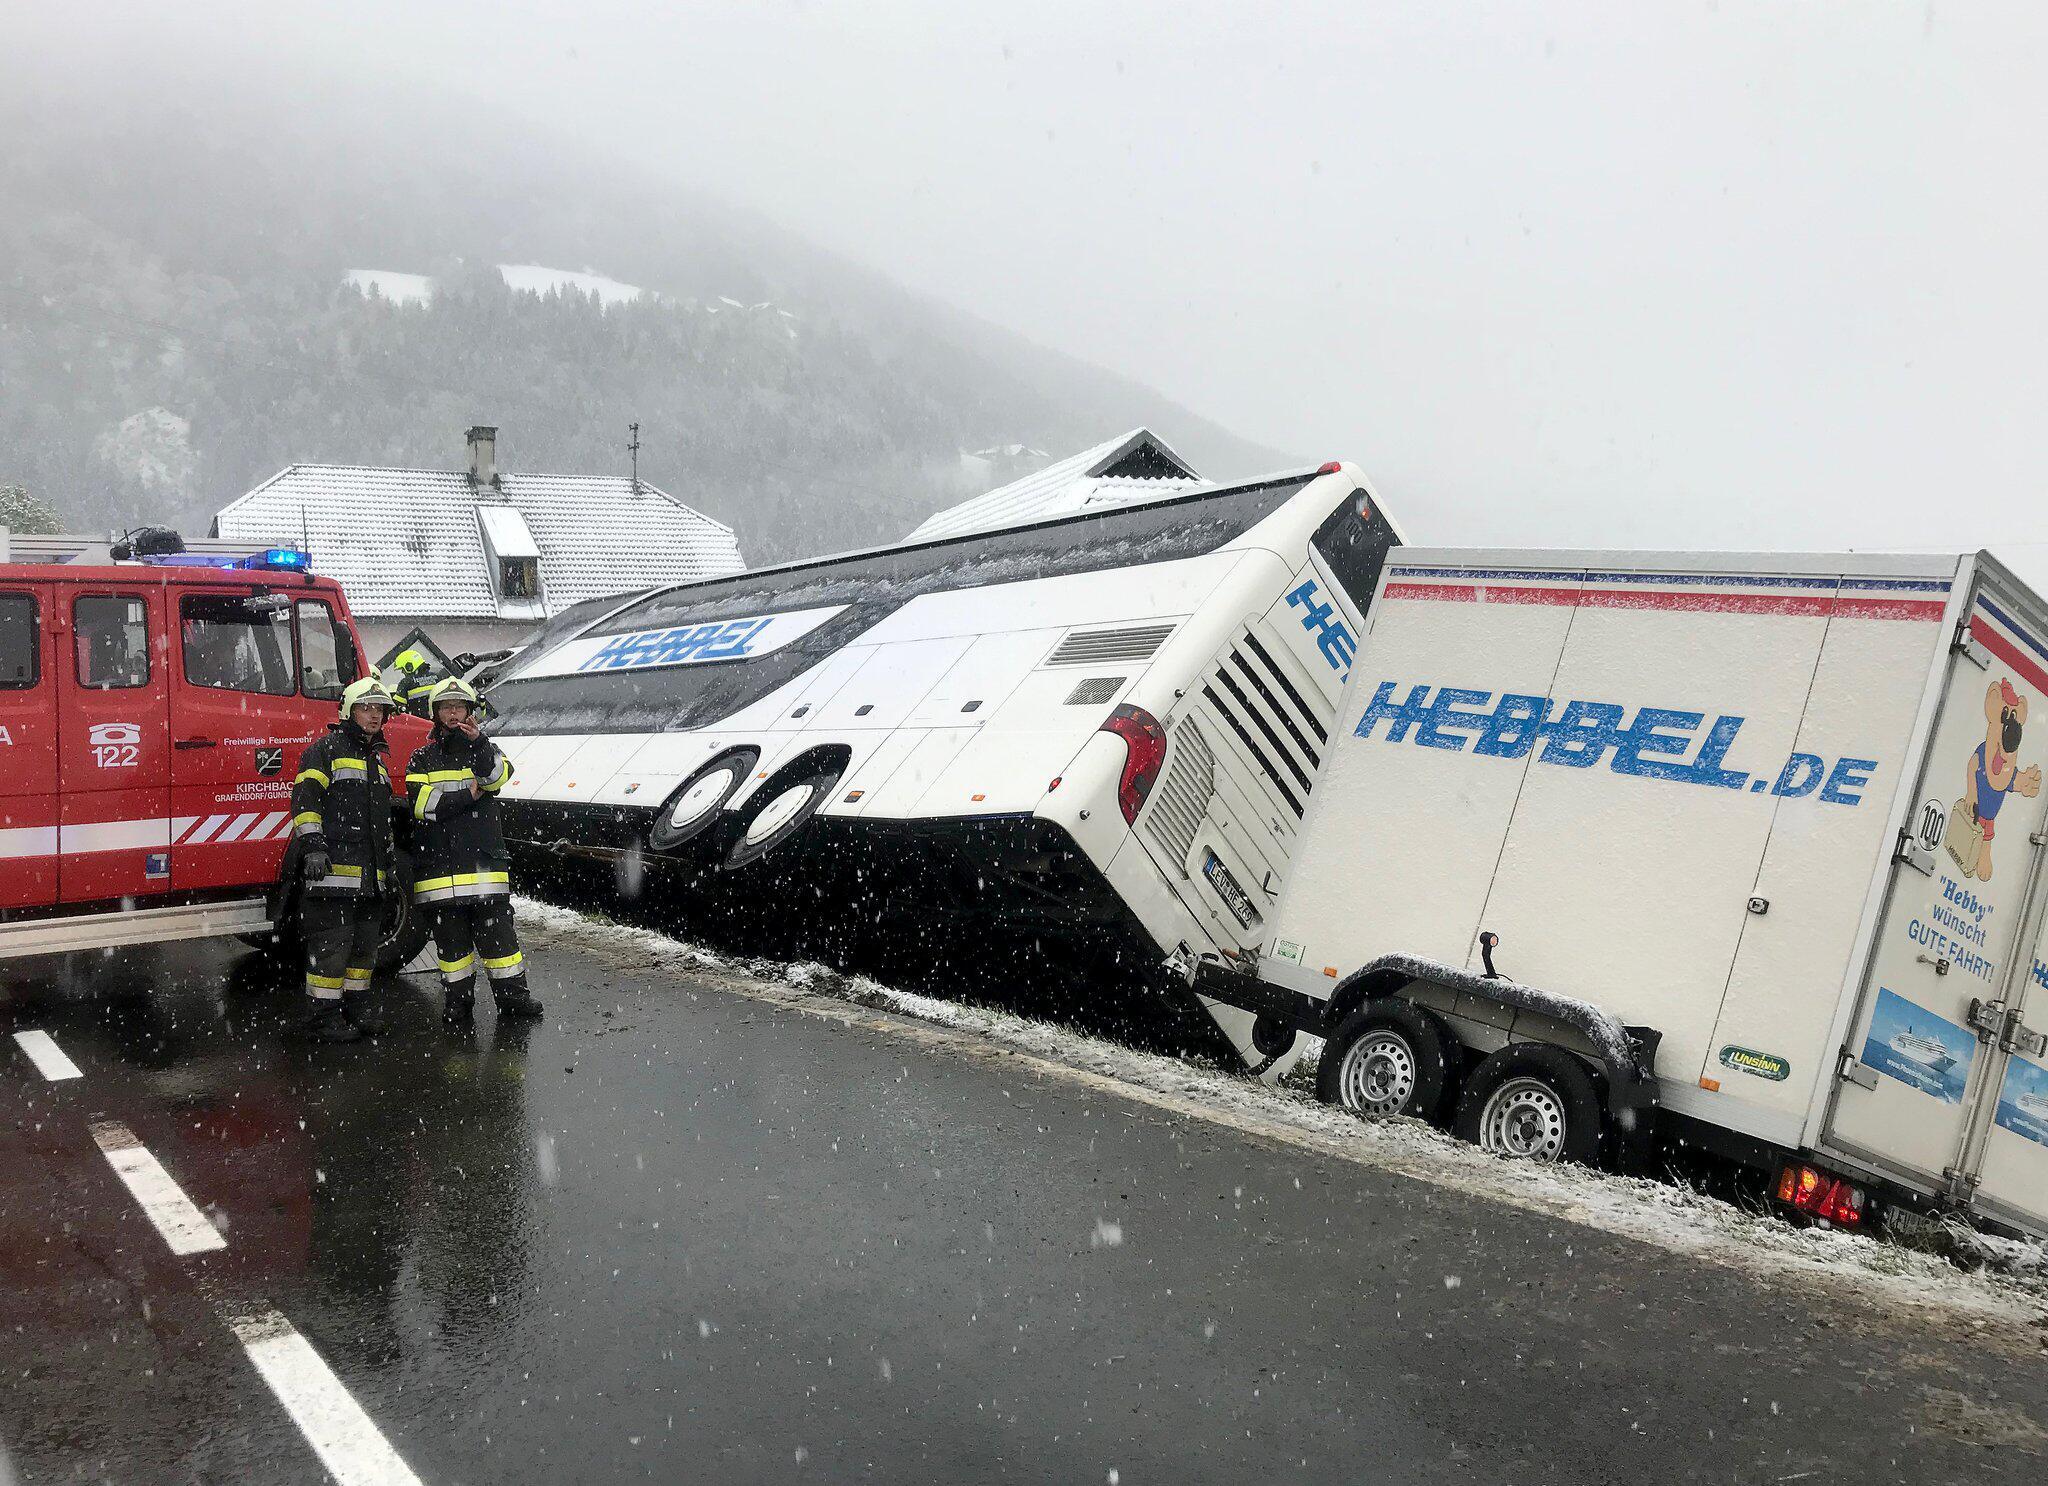 Bild zu Unfall mit Doppeldecker-Bus in Österreich